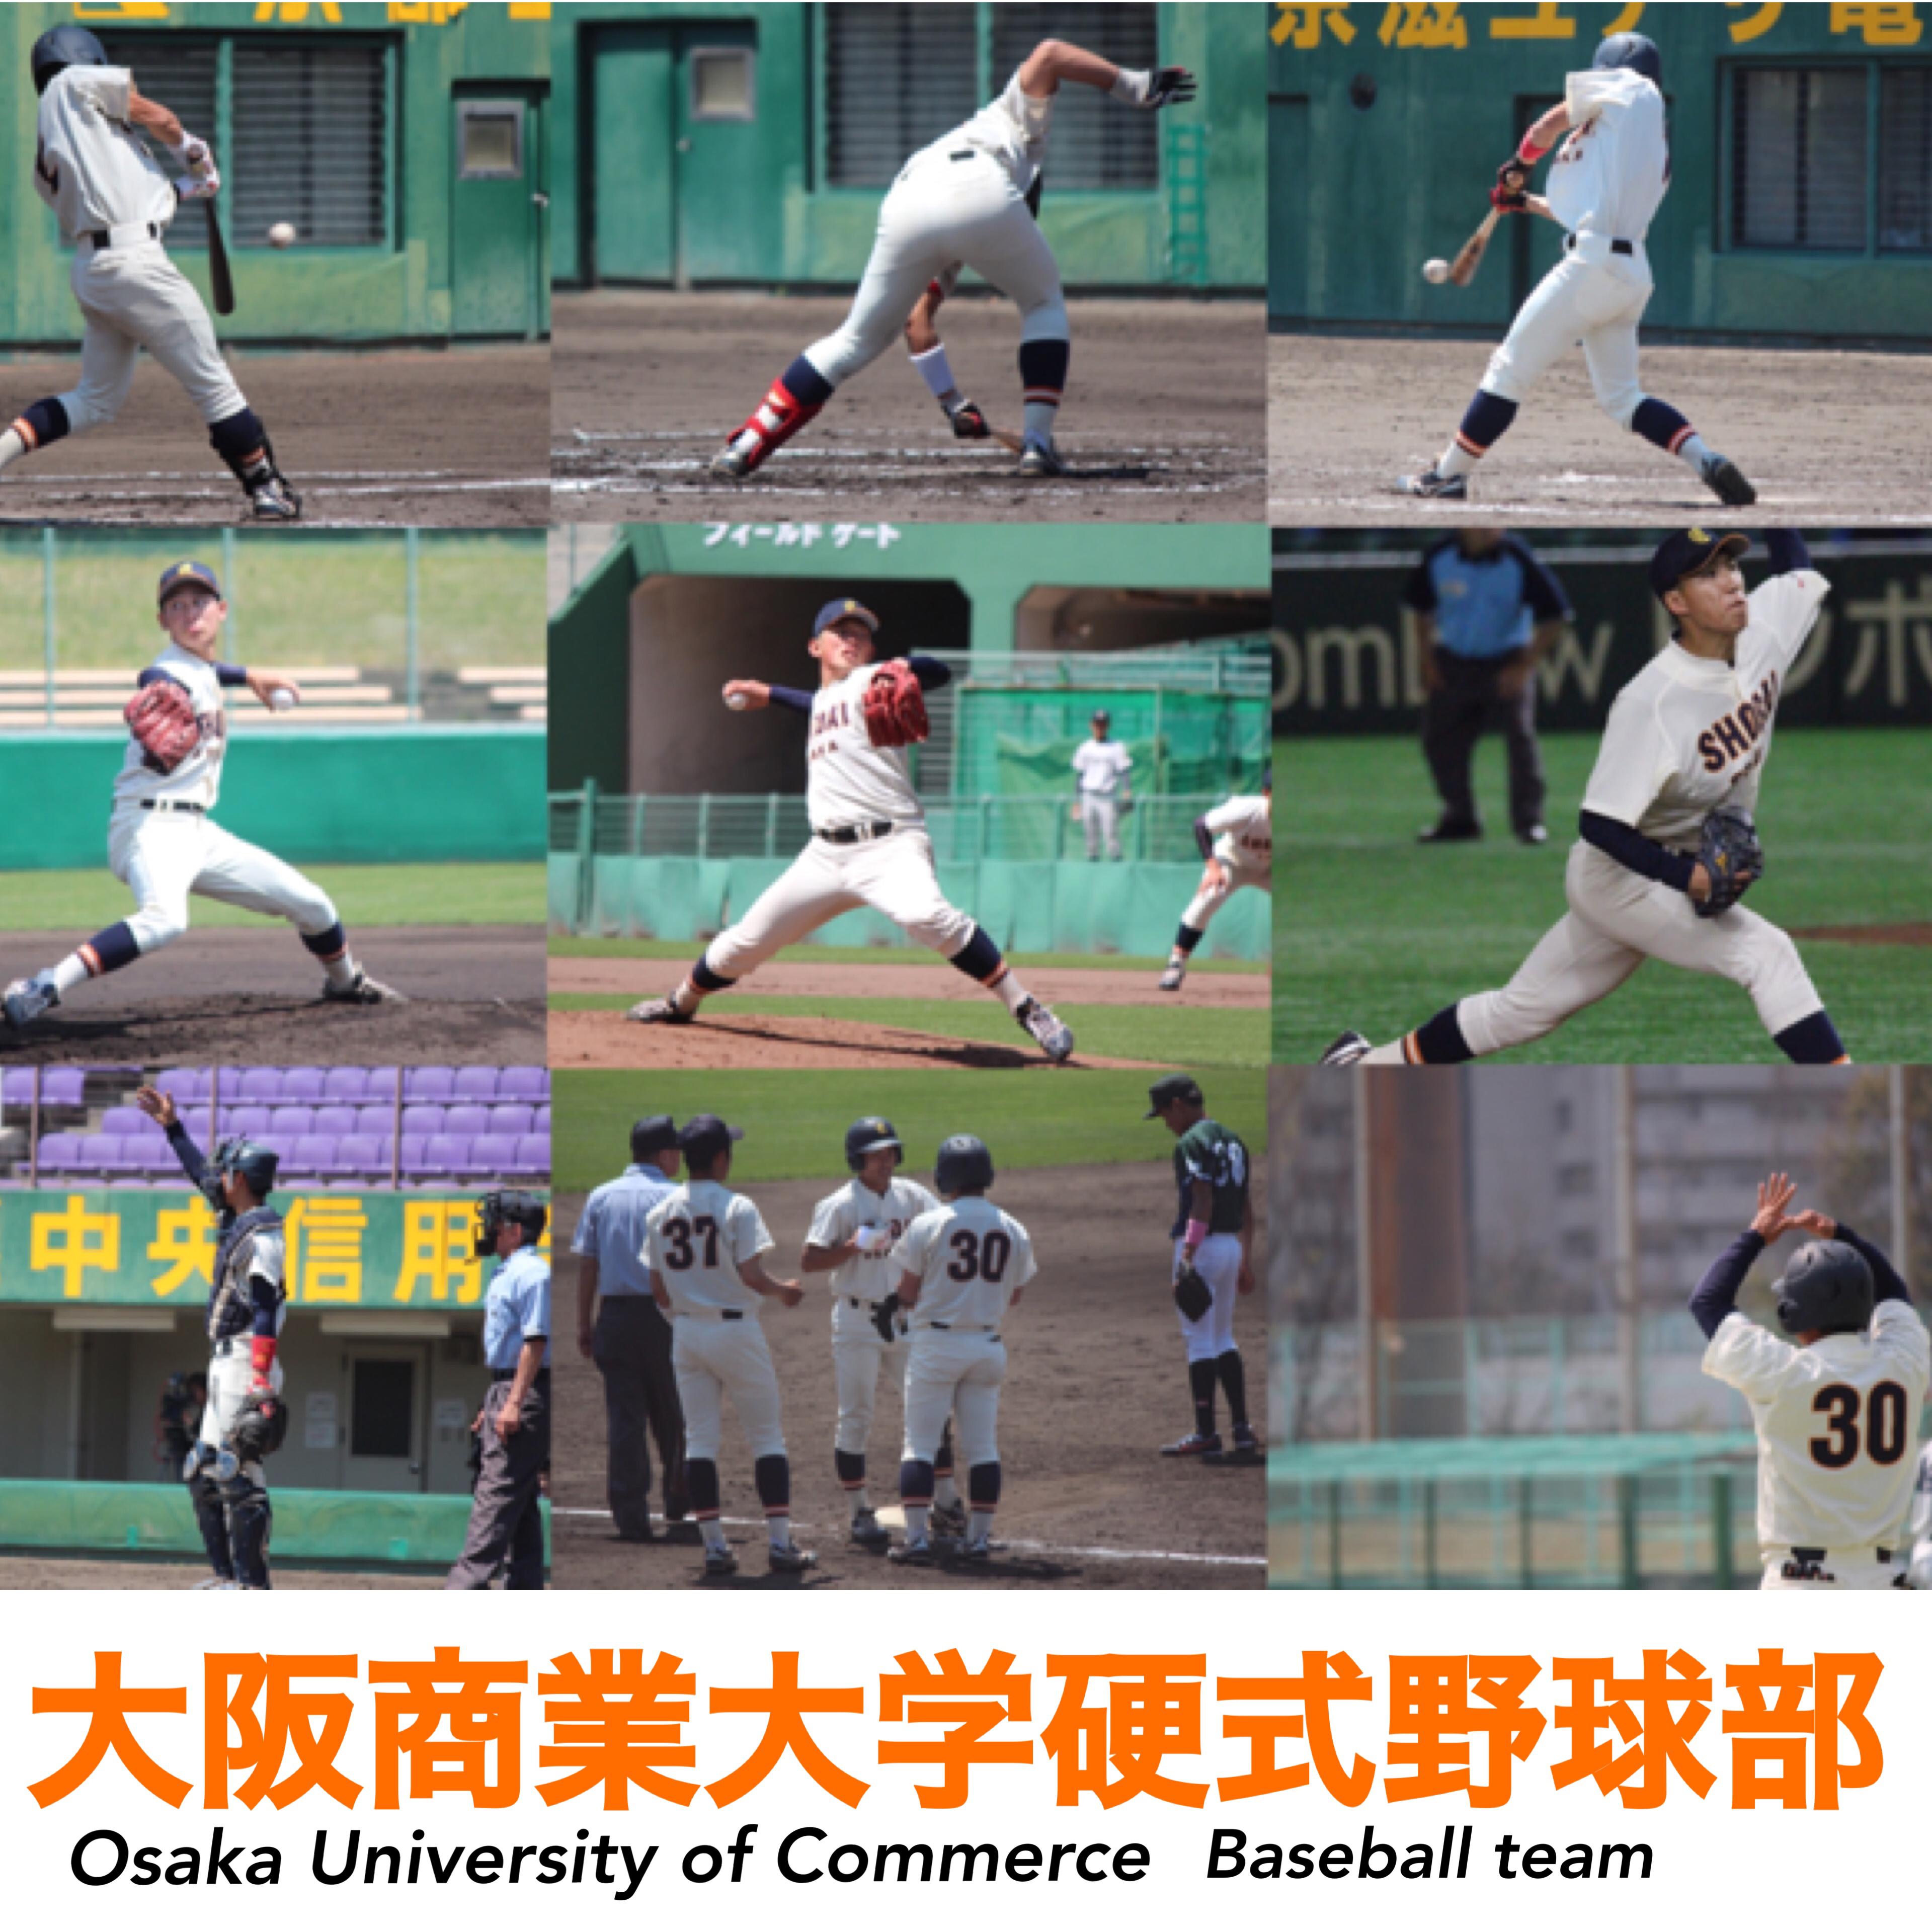 大学 野球 大谷 部 大阪 どこの大学リーグで野球をやりたい?セレクションの前に大学を調べよう